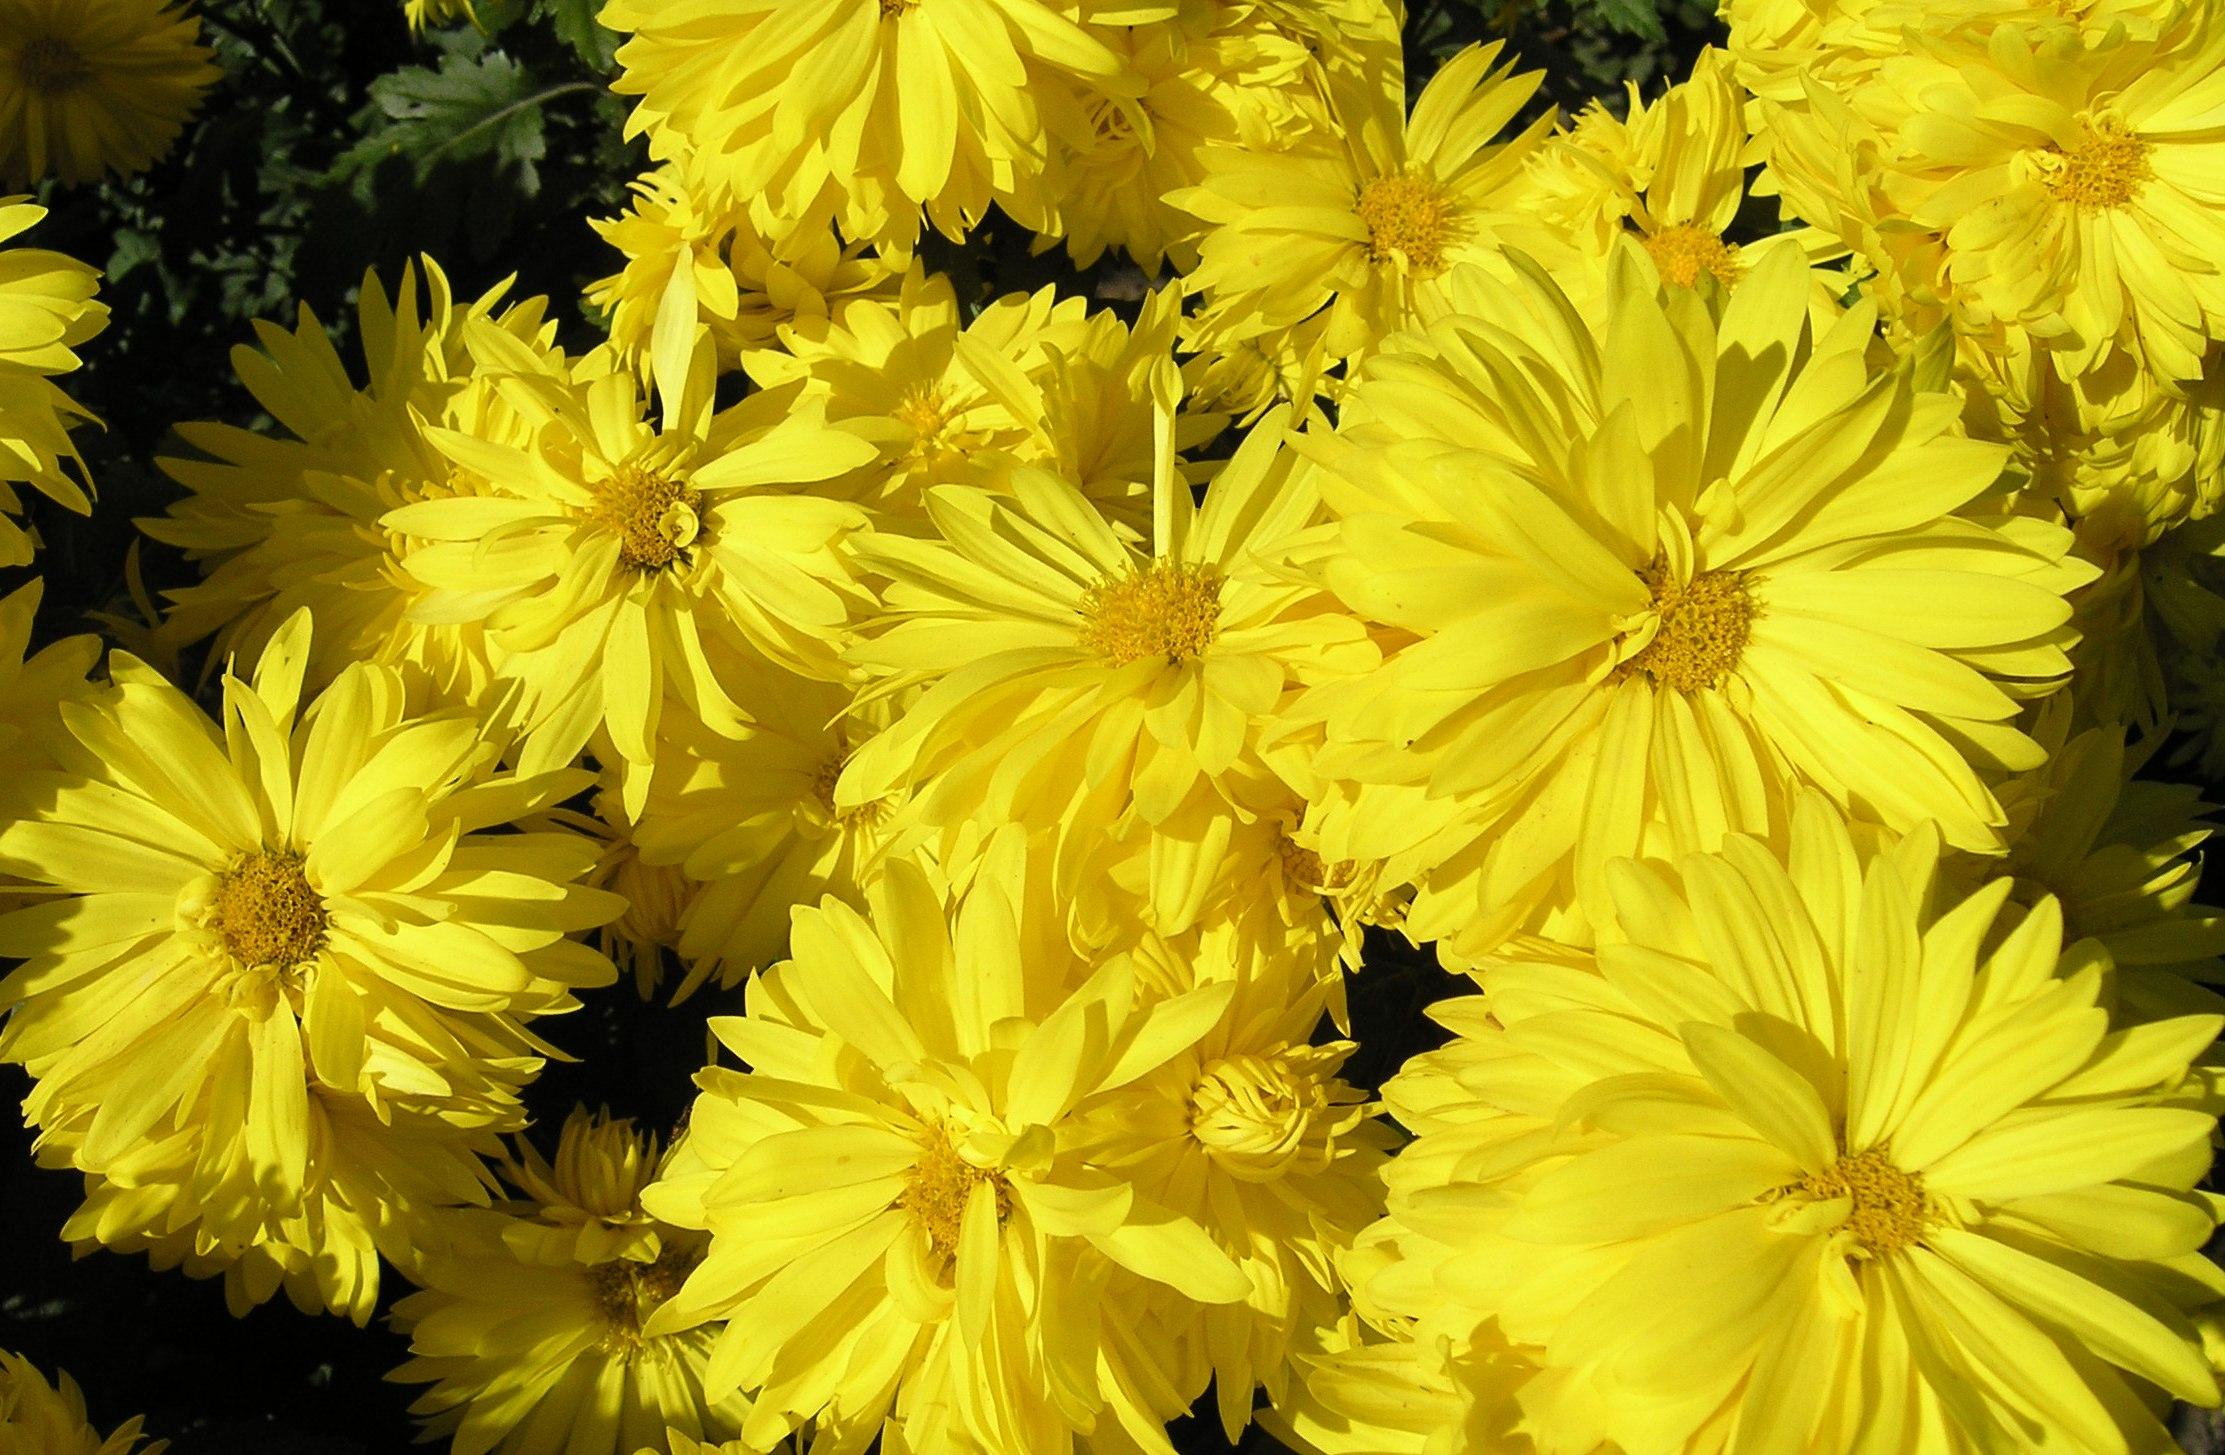 Златоцвет увенчанный фотографии 6